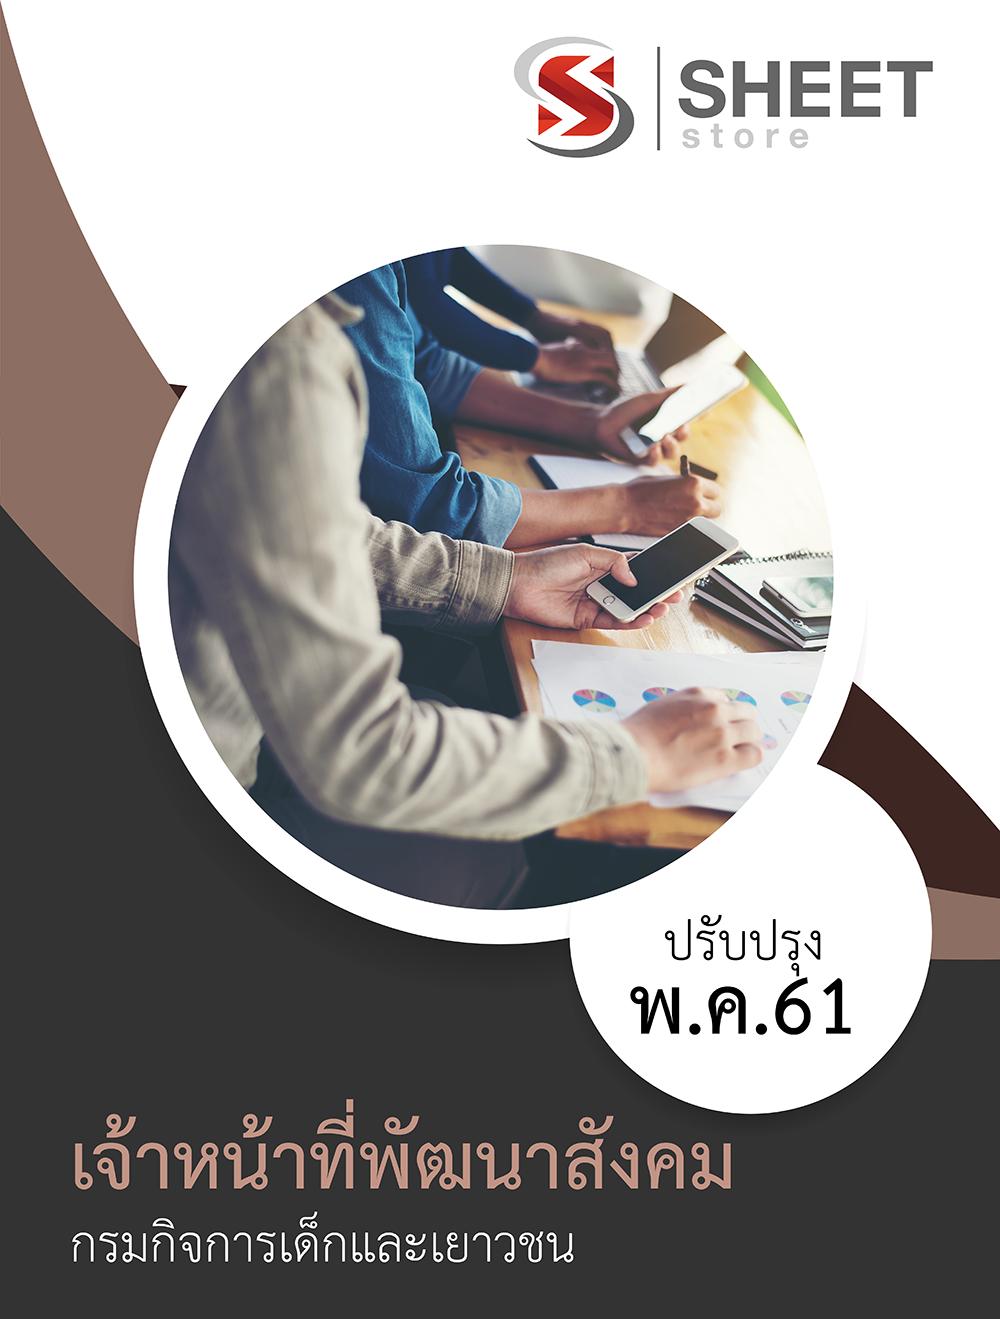 แนวข้อสอบ เจ้าหน้าที่พัฒนาสังคม สำนักงานพัฒนาสังคมและความมั่นคงของมนุษย์ กรมกิจการเด็กและเยาวชน พร้อมเฉลย